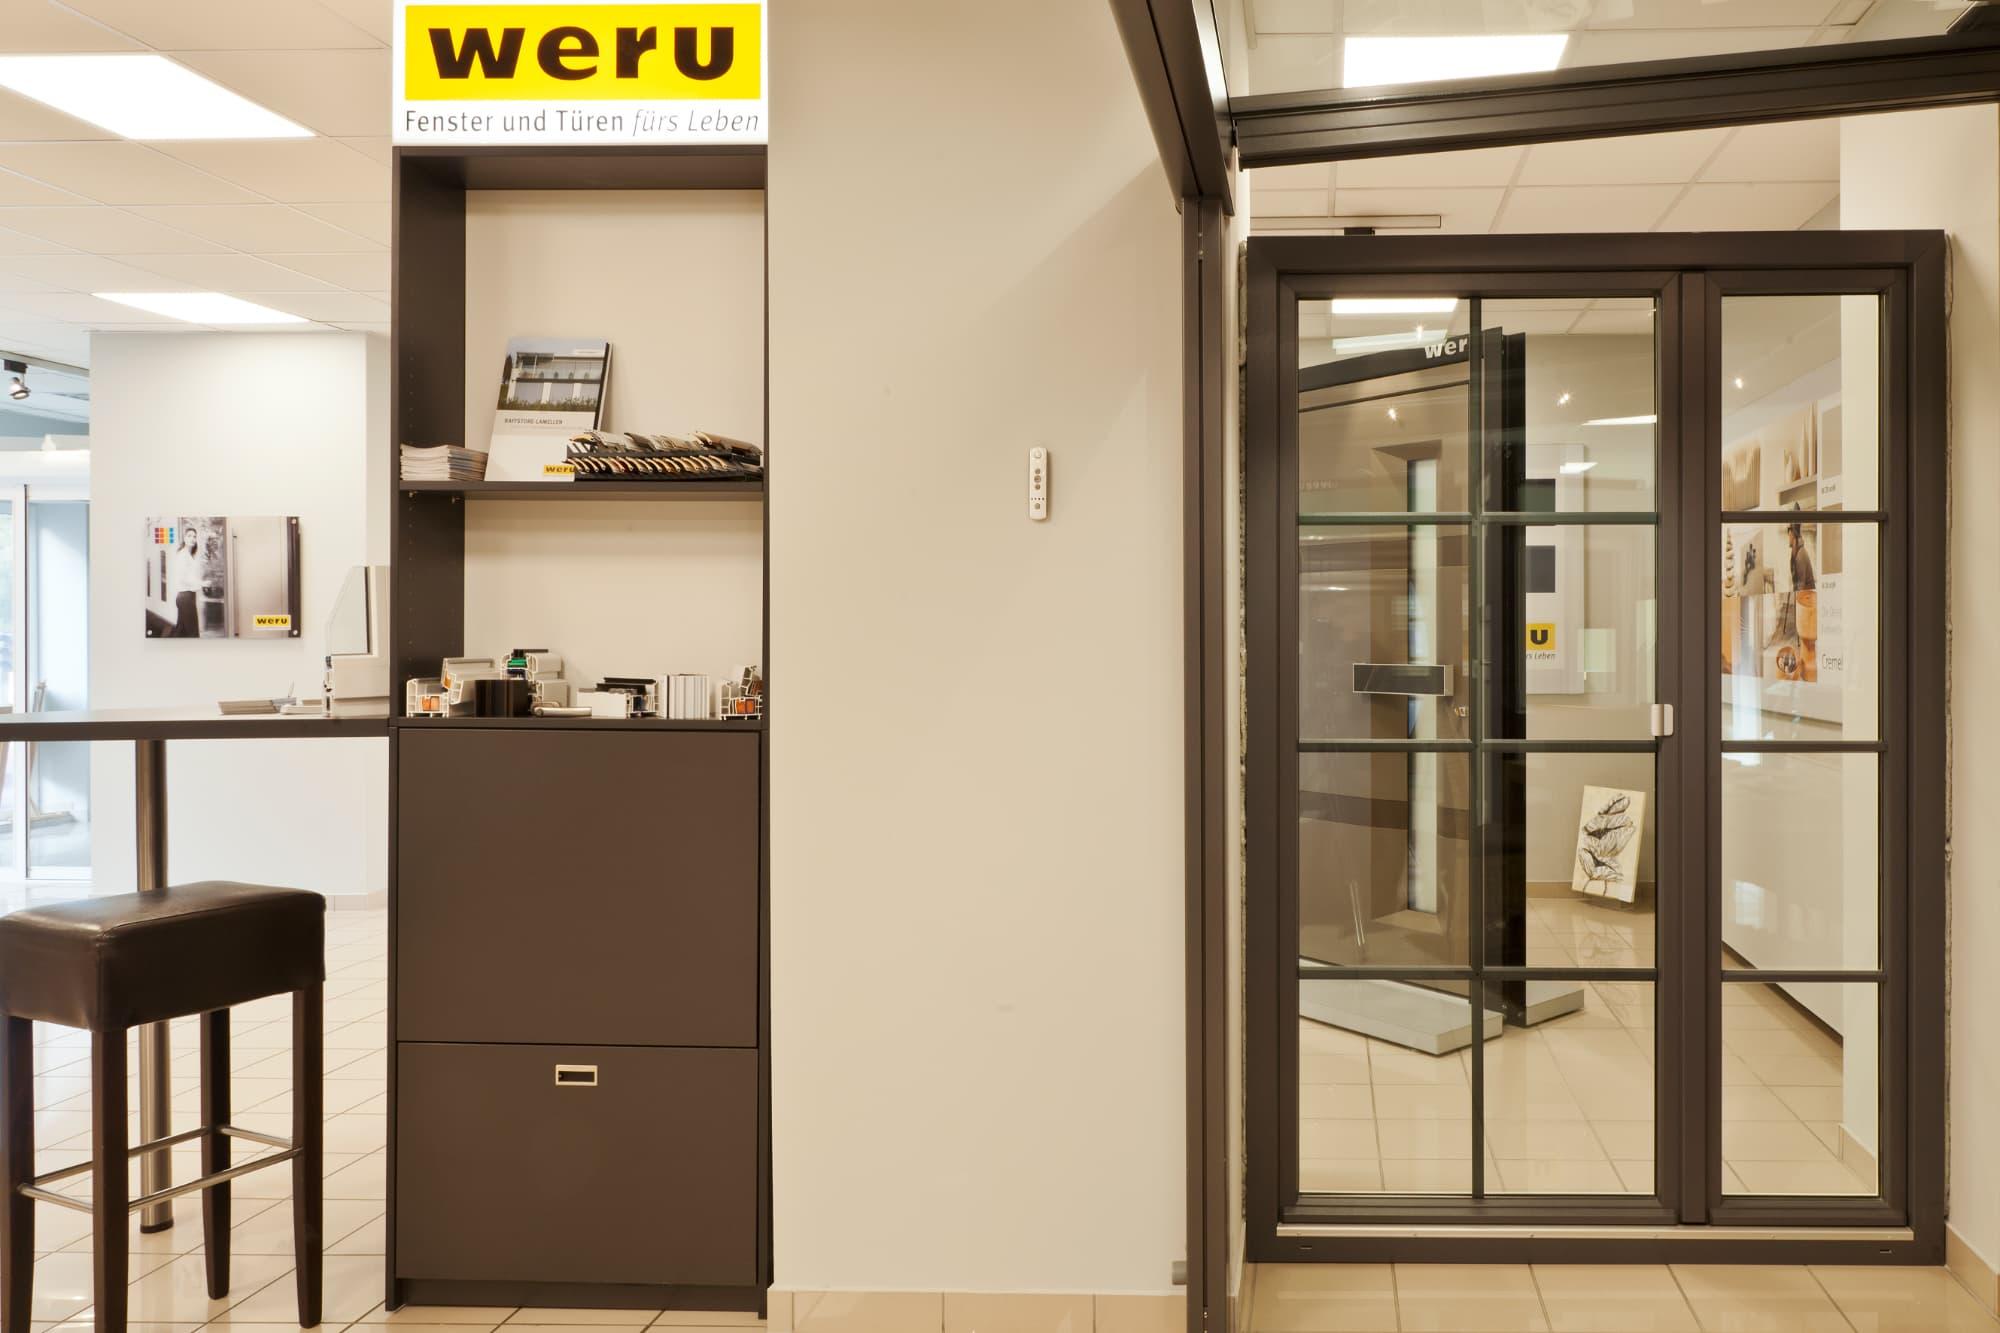 Grosste Ausstellung Fur Fenster Und Hausturen In Dortmund